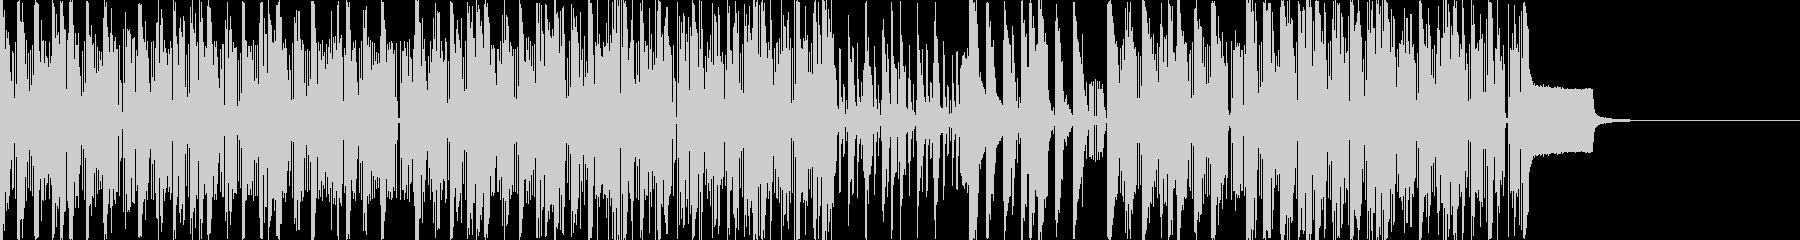 ヒップホップ/インド風のアーバンミ...の未再生の波形